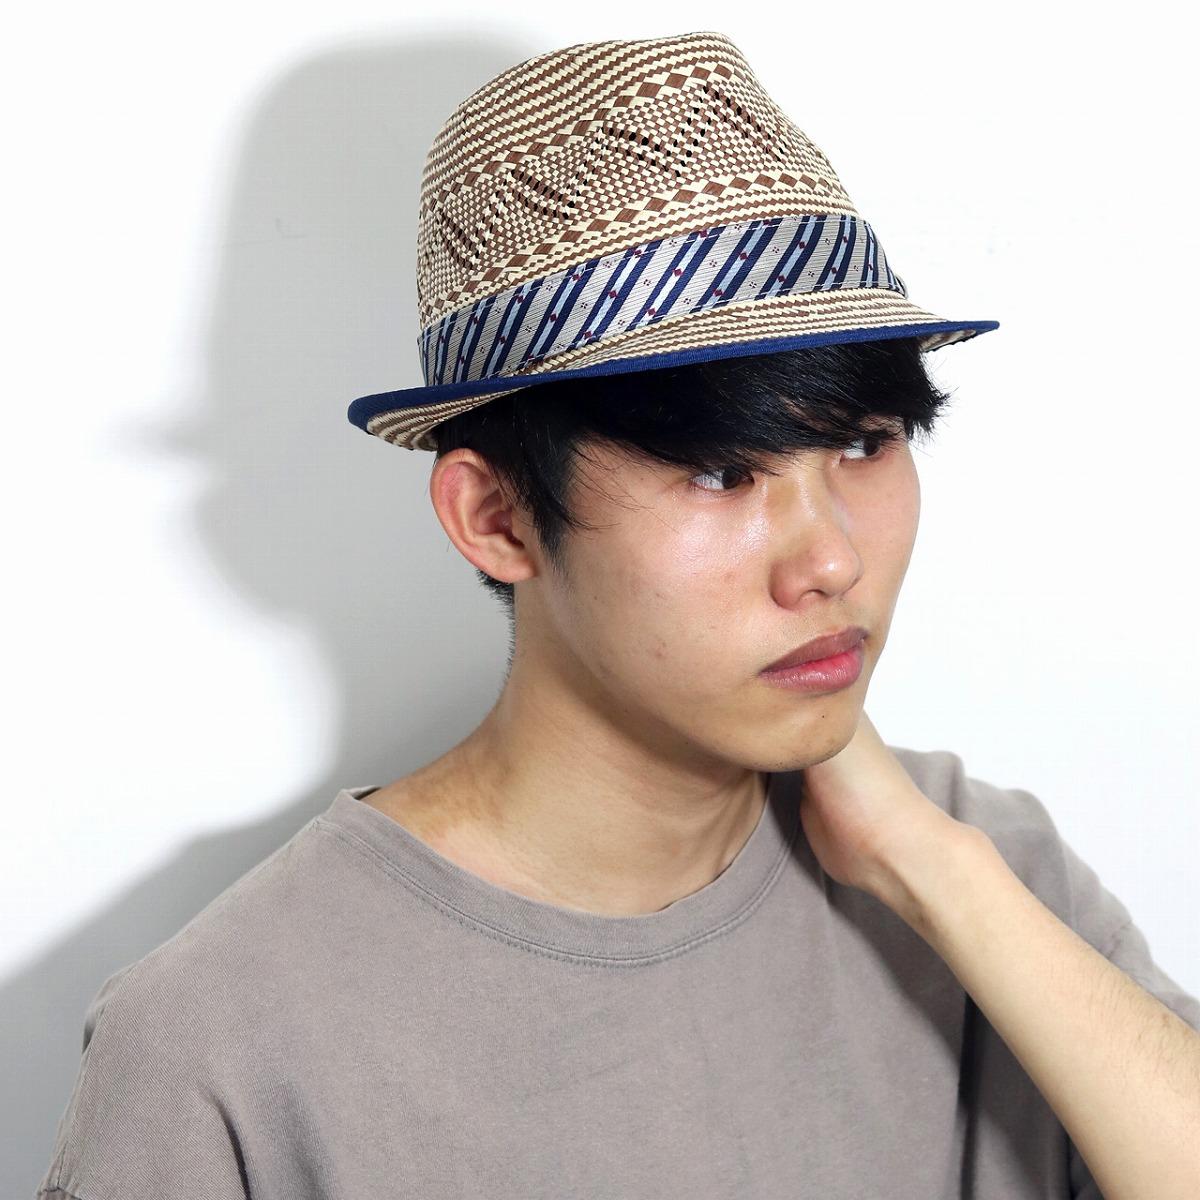 ストローハット 大きいサイズ 中折れ 総柄 Degree TOYO カルロス サンタナ 帽子 春 夏 ハット メンズ 幾何学模様 CARLOS SANTANA 中折れ帽 紳士 トーヨー インポート M L XL / 茶 ブラウン [ straw hat ] 父の日 ギフト お父さん プレゼント